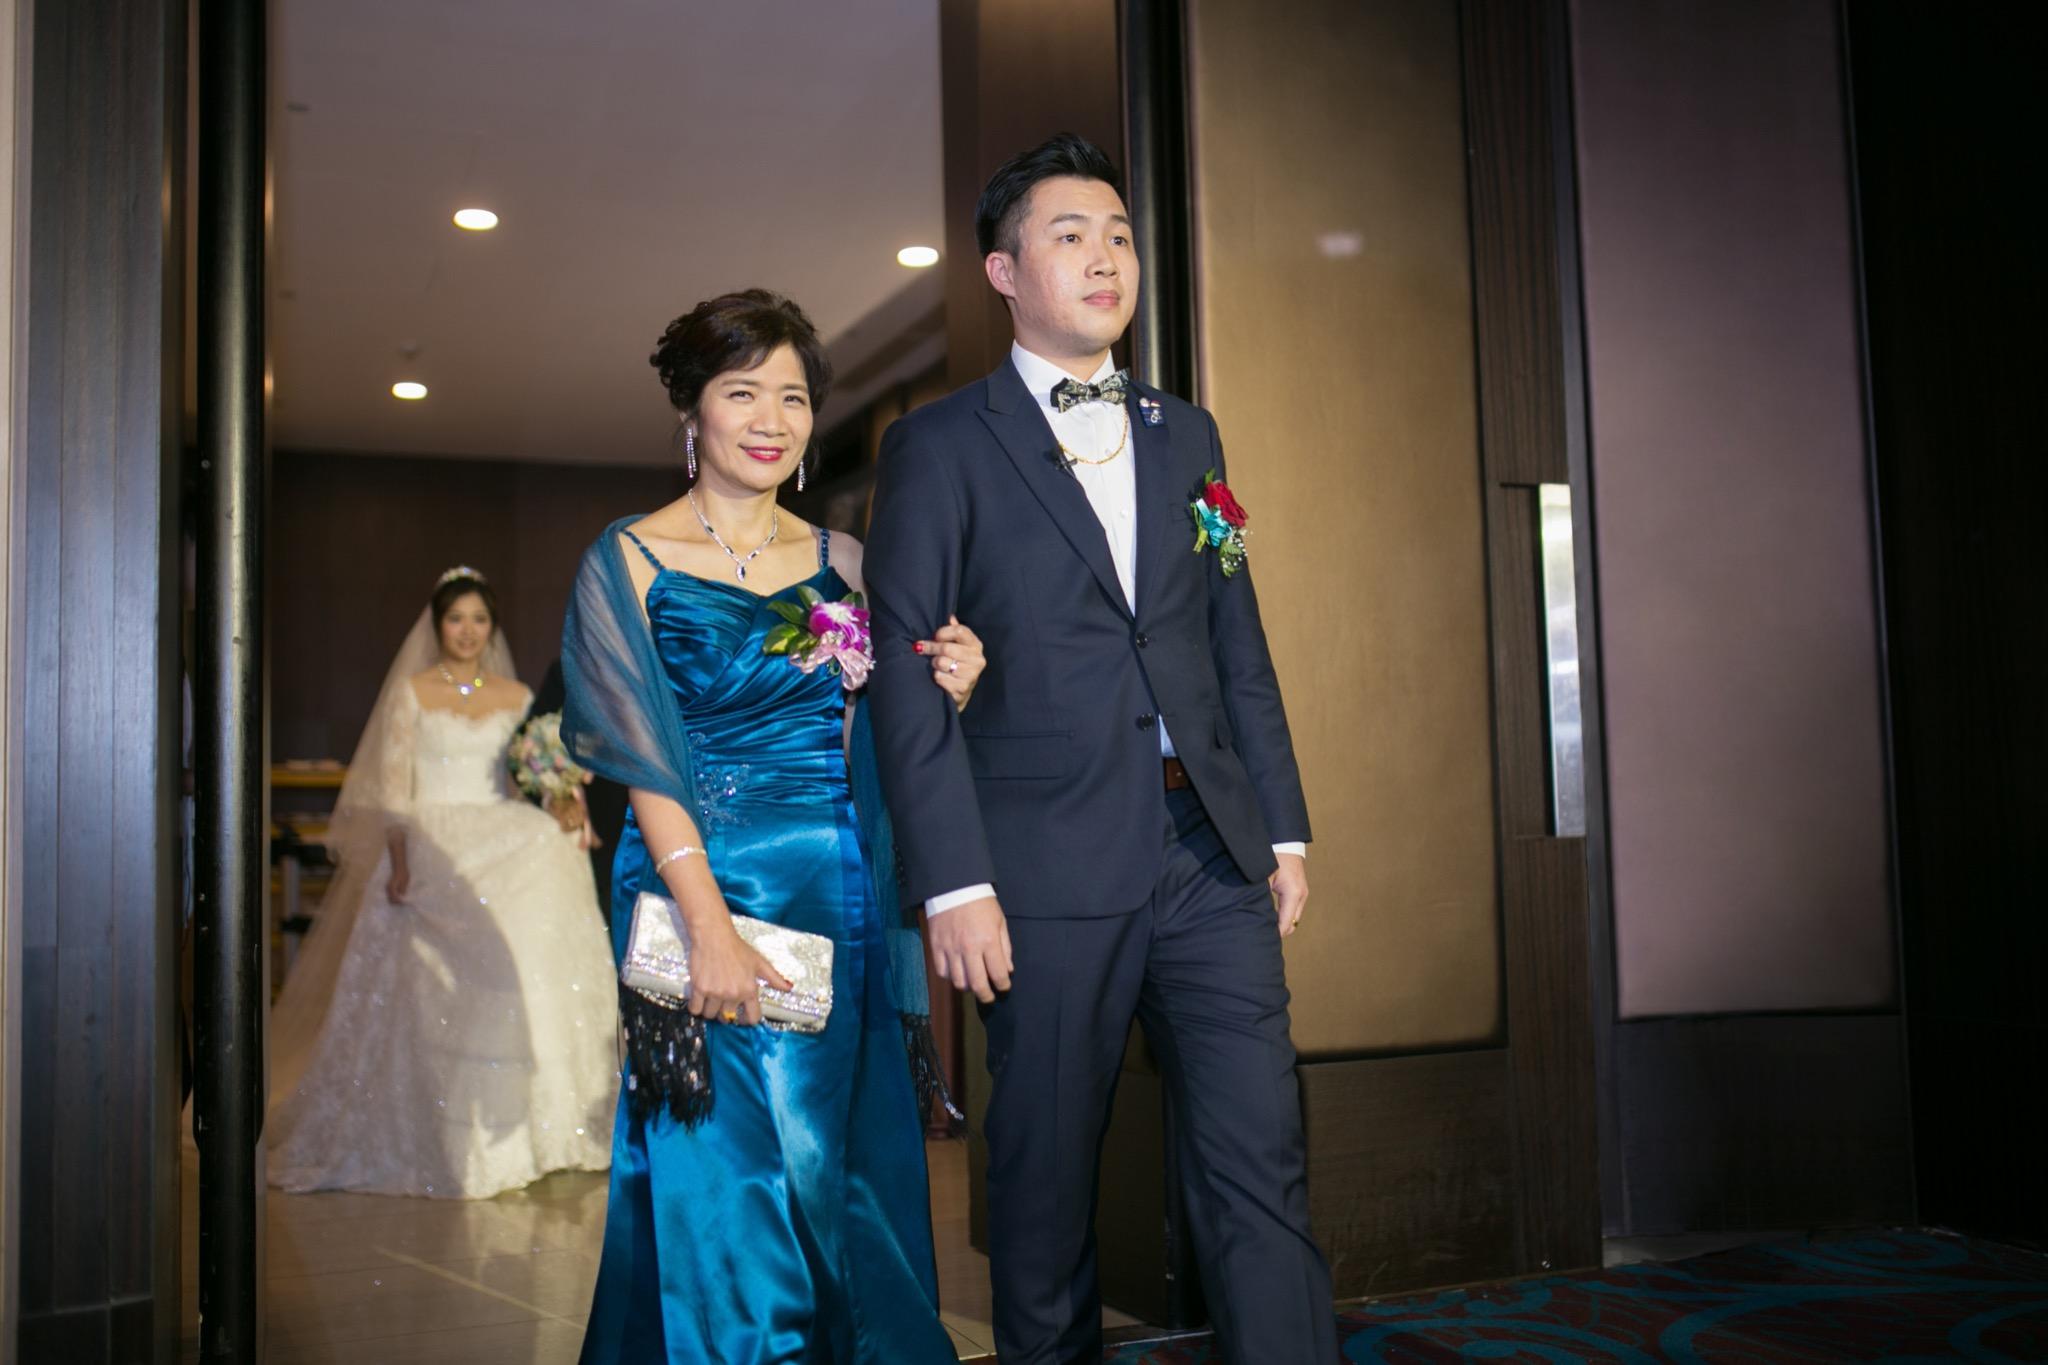 尚順君樂飯店,新竹迎娶晚宴,台中婚錄推薦69